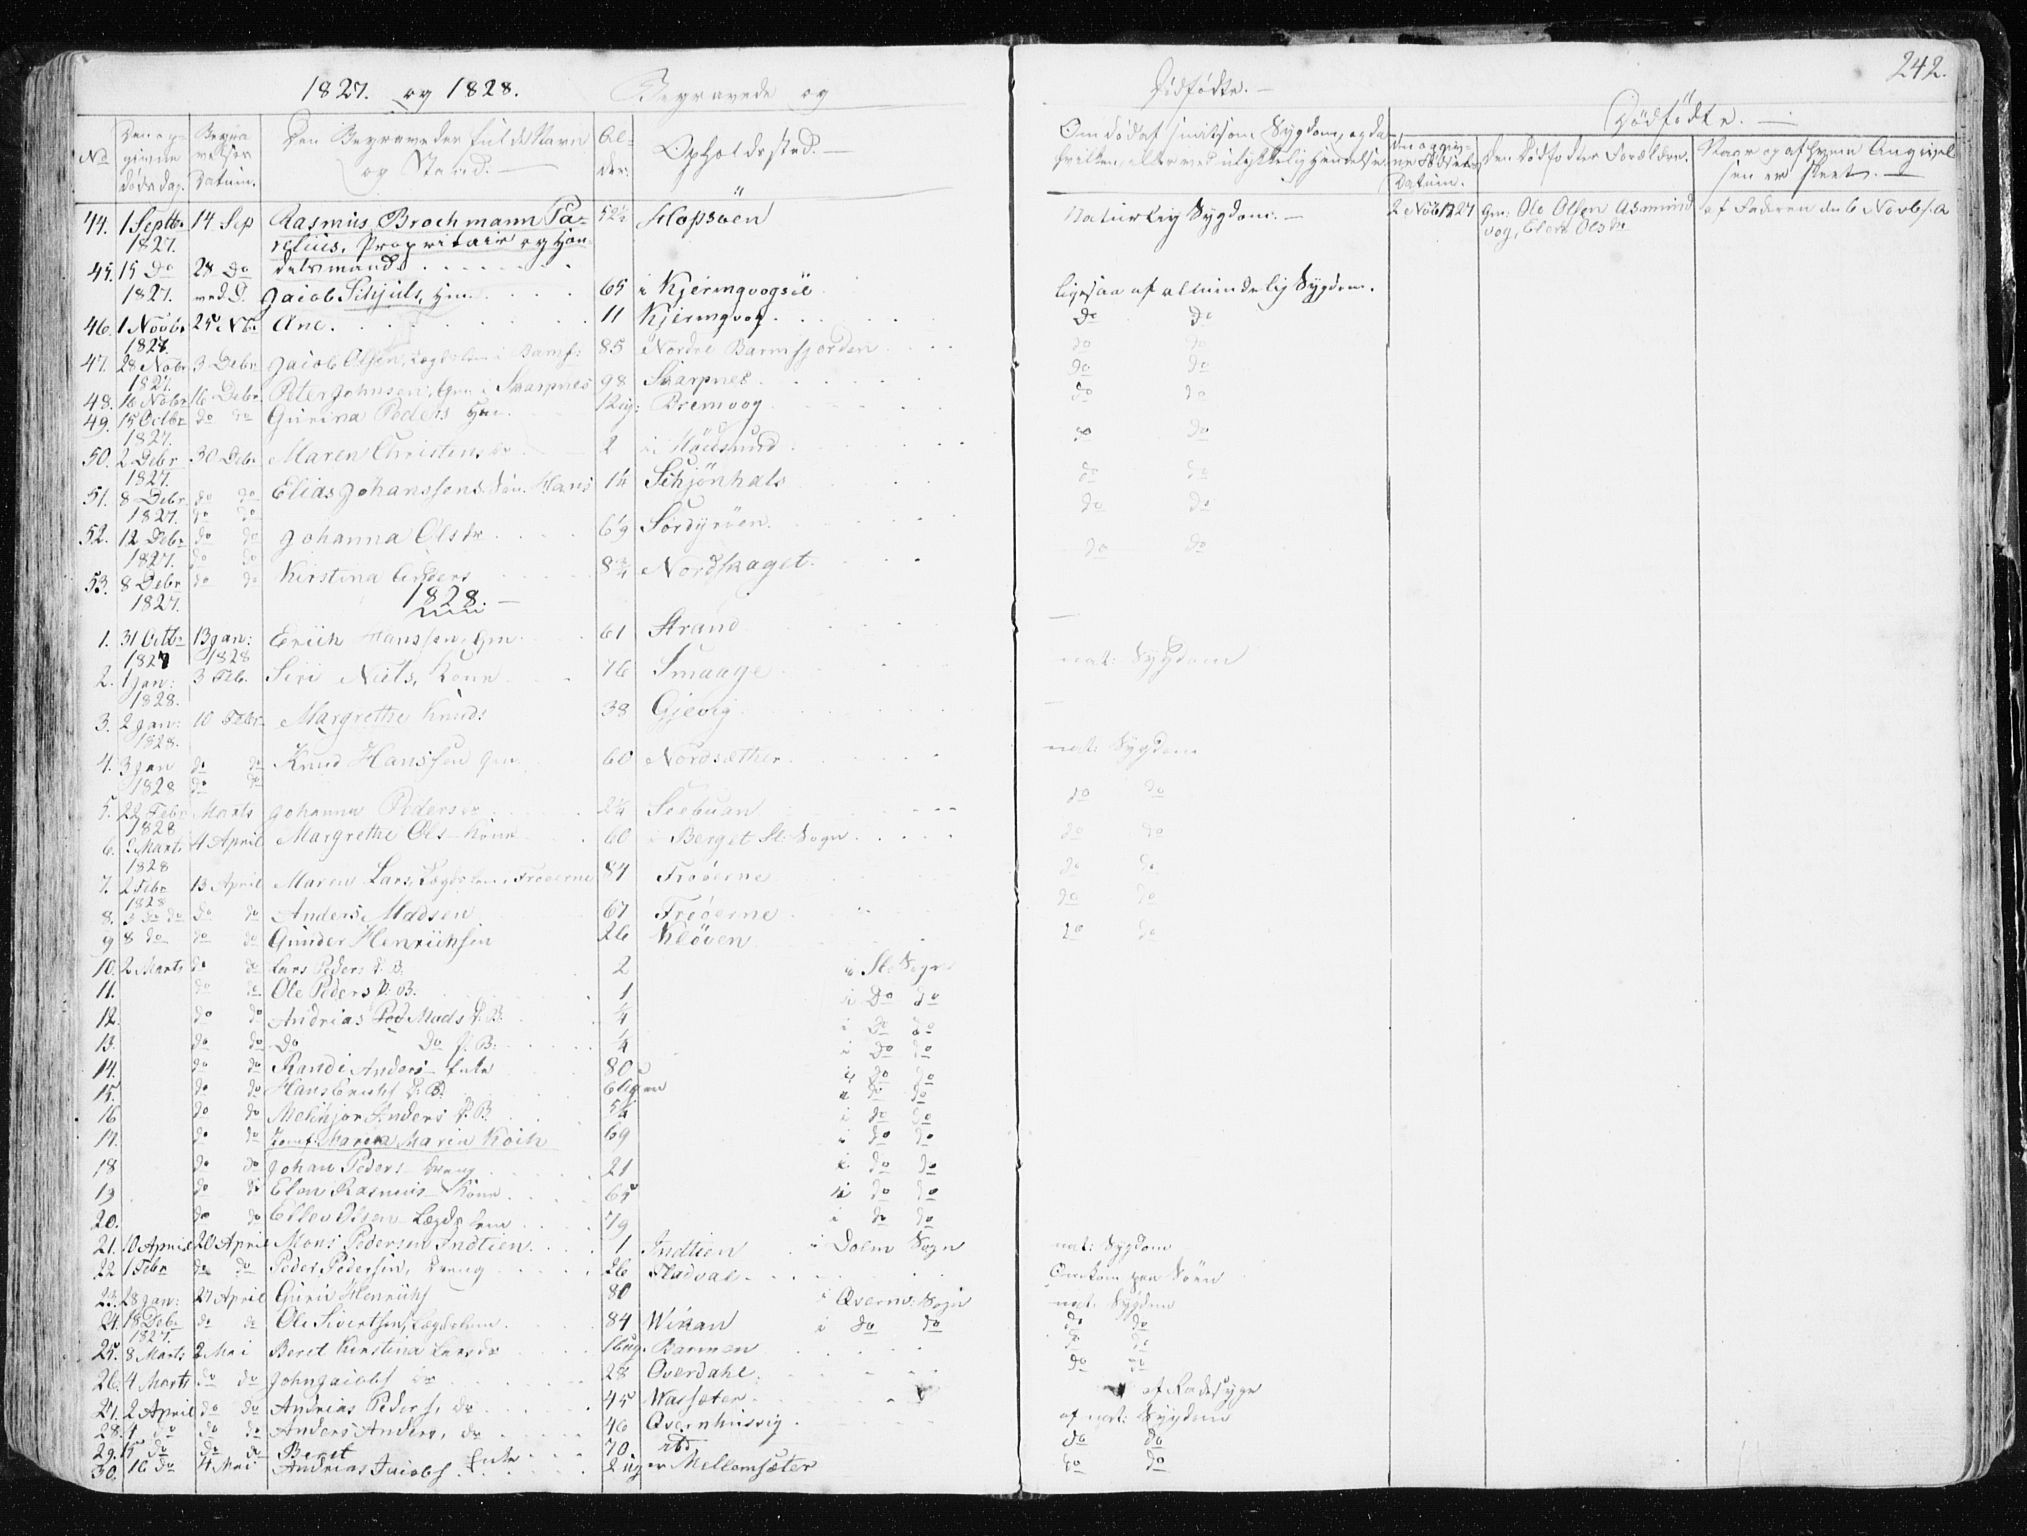 SAT, Ministerialprotokoller, klokkerbøker og fødselsregistre - Sør-Trøndelag, 634/L0528: Ministerialbok nr. 634A04, 1827-1842, s. 242